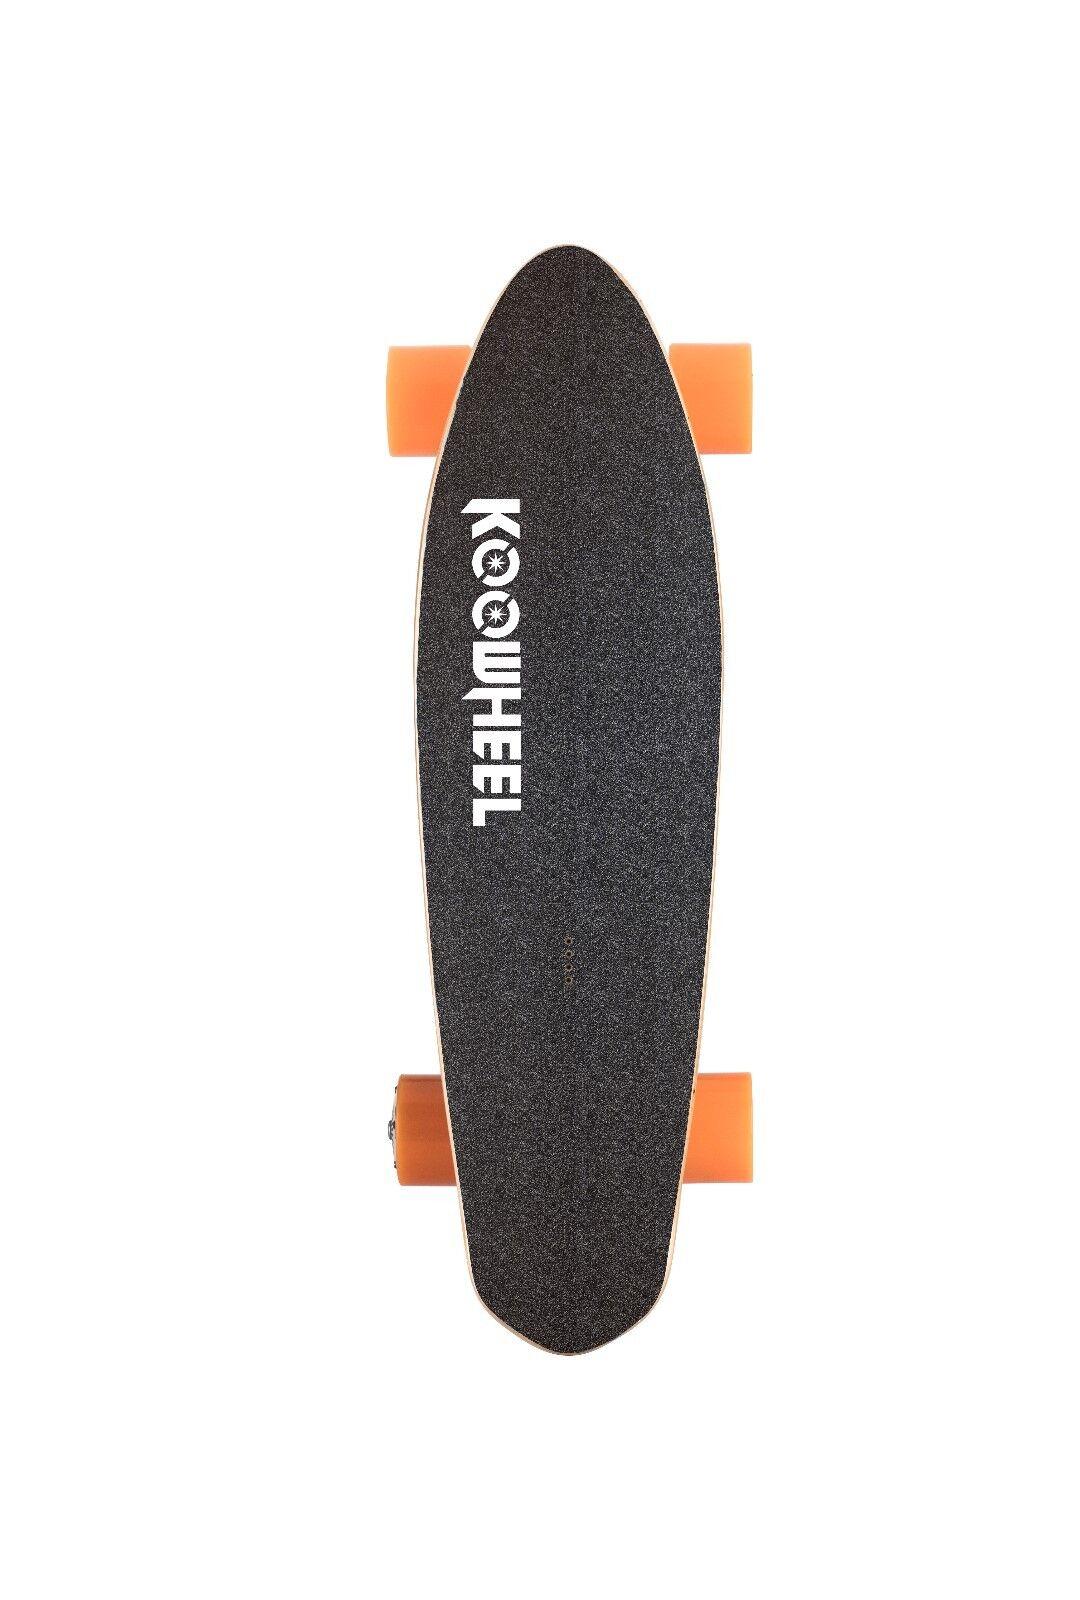 Koweel, miniatura liviana y resistente, con patineta eléctrica a distancia fb1 - kooboard.